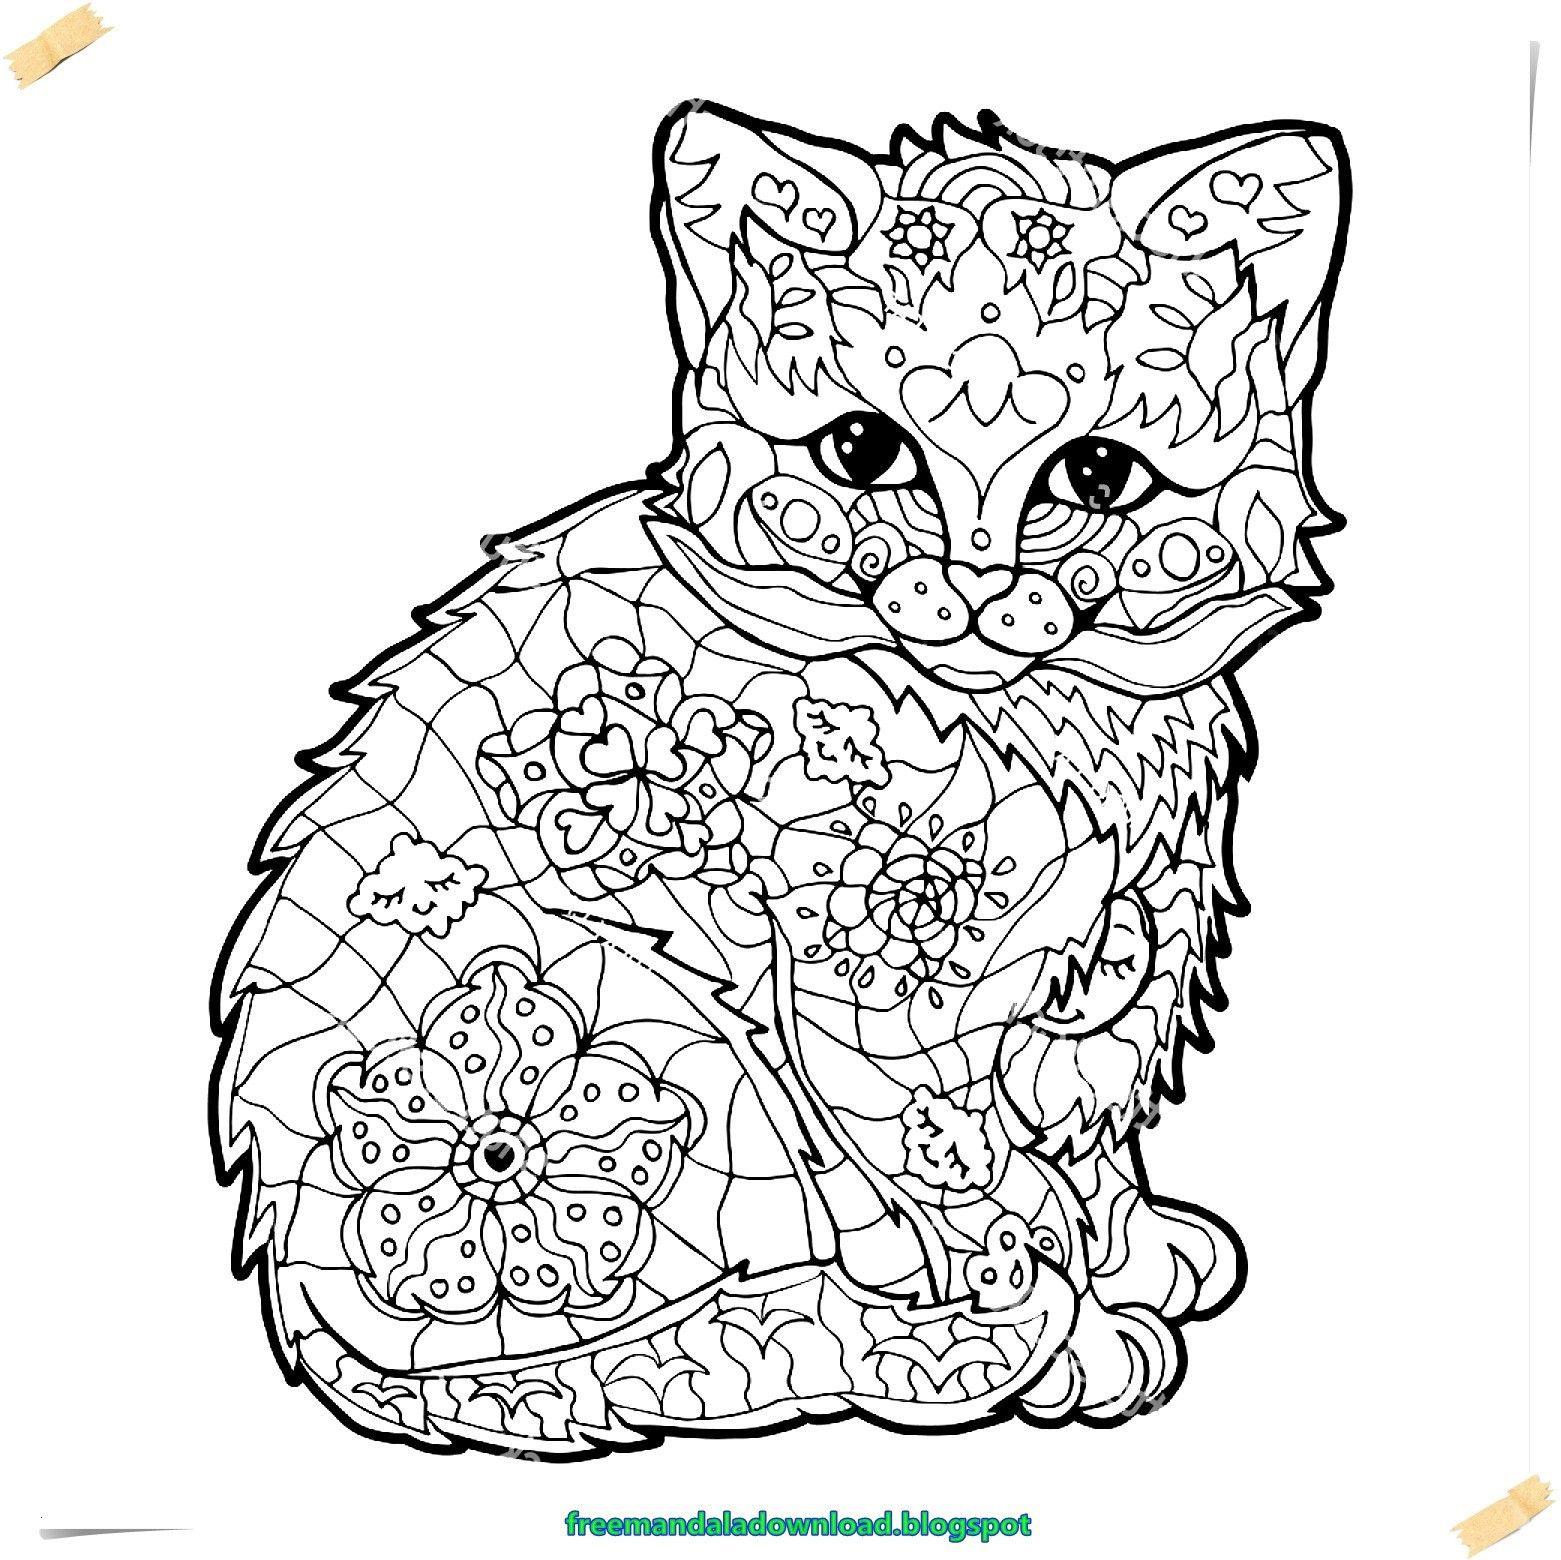 neu malvorlagen kostenlos tiere katzen   color, photo